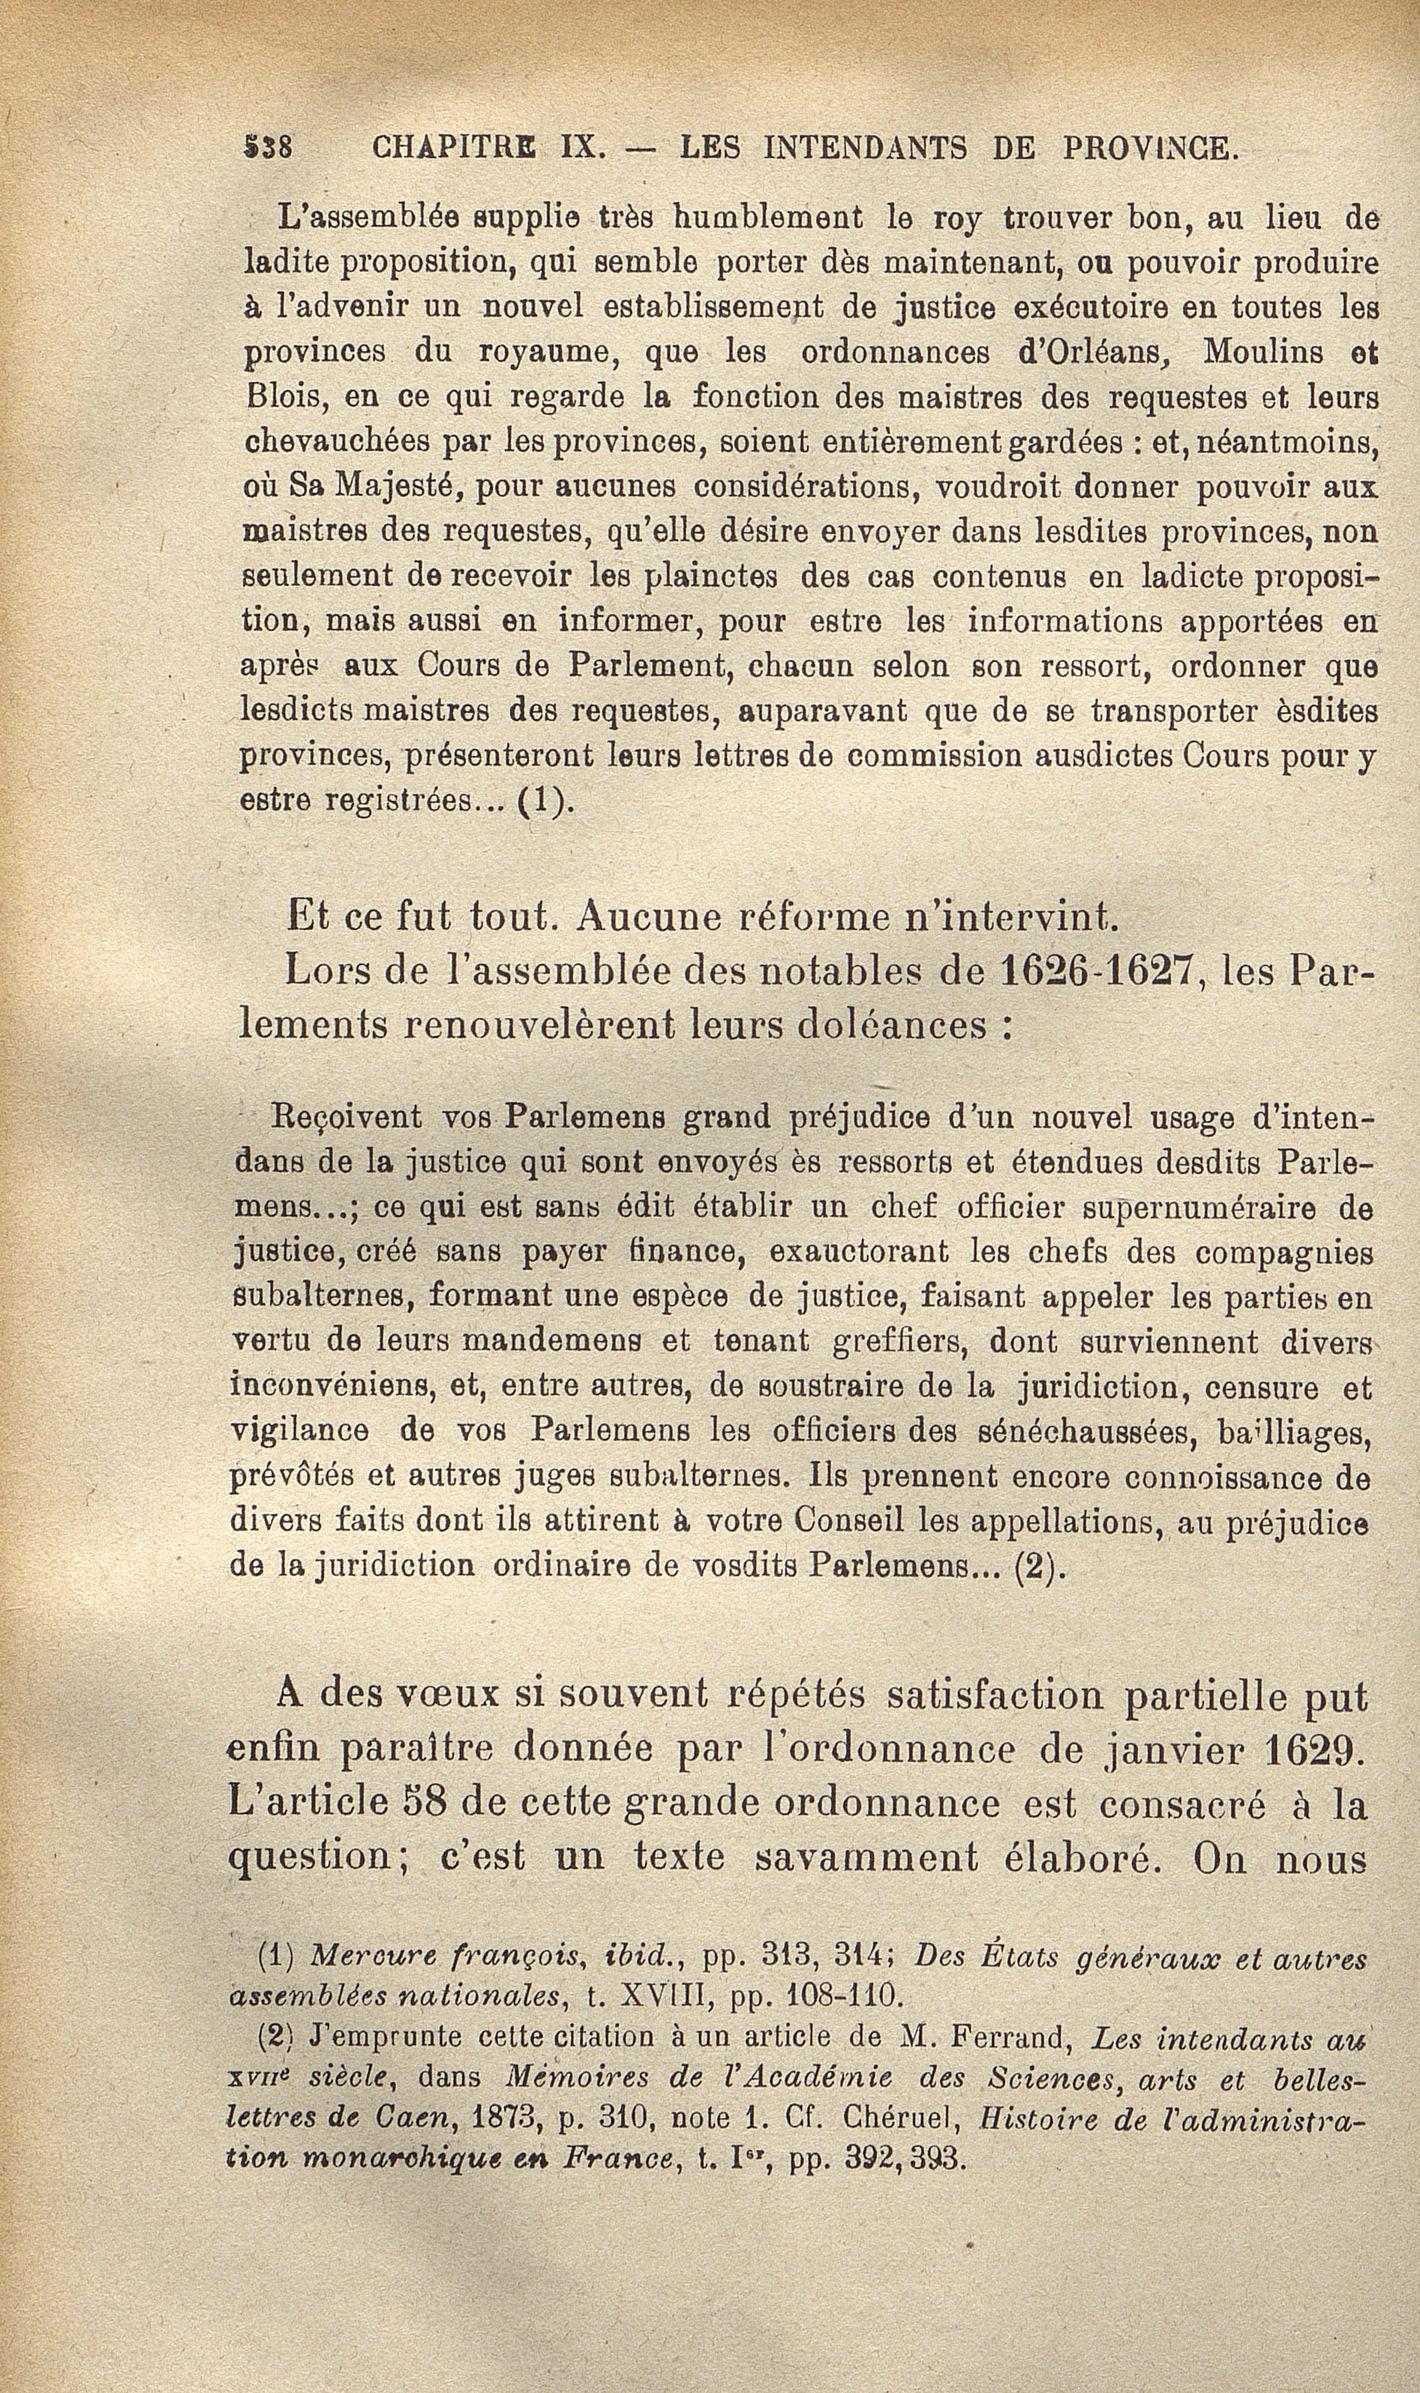 http://expo-paulviollet.univ-paris1.fr/wp-content/uploads/2016/02/0605381272_0552.jpg